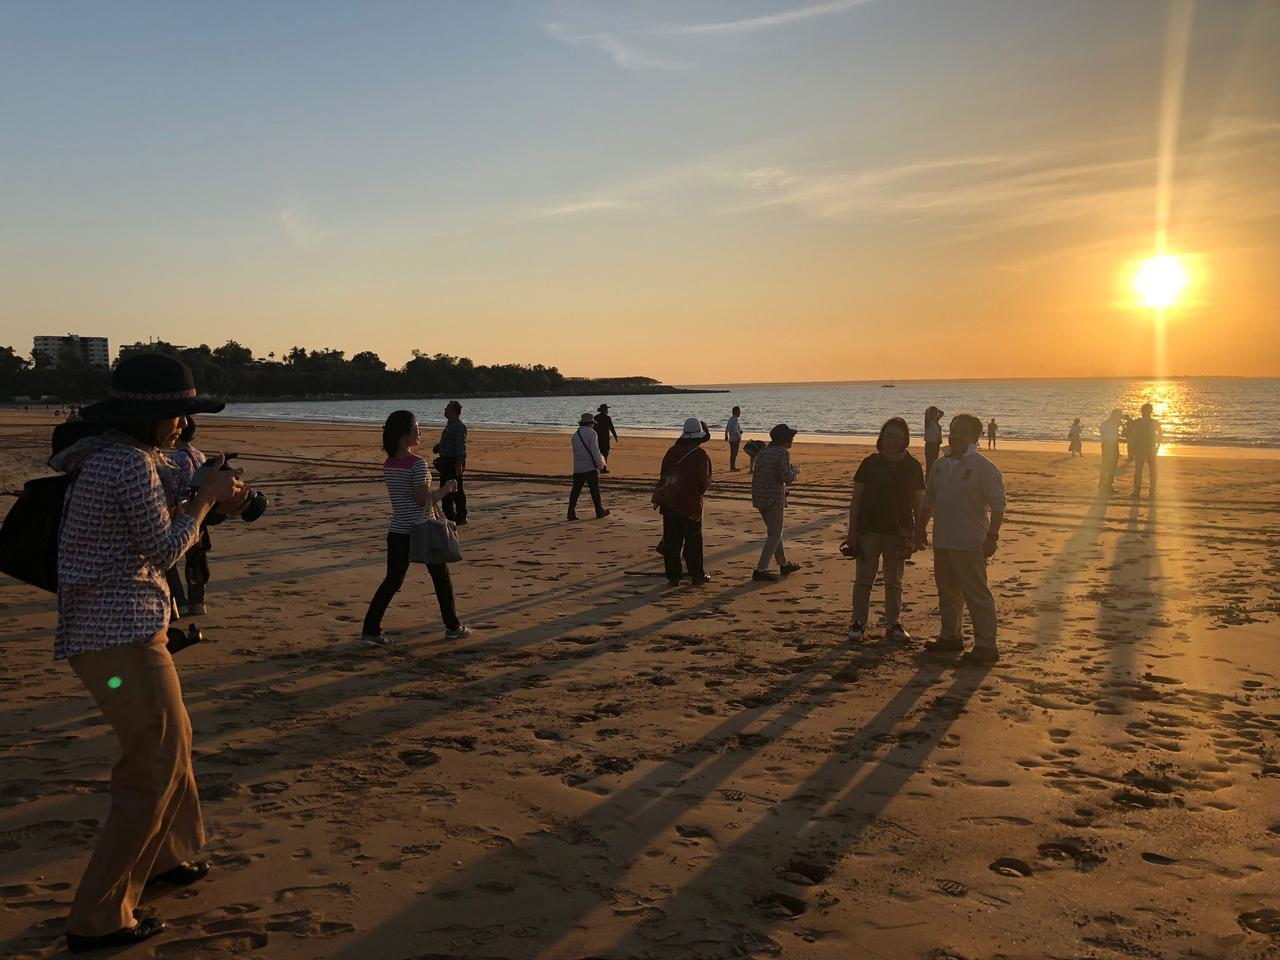 画像: 夕日鑑賞スポットのミンディルビーチへ!